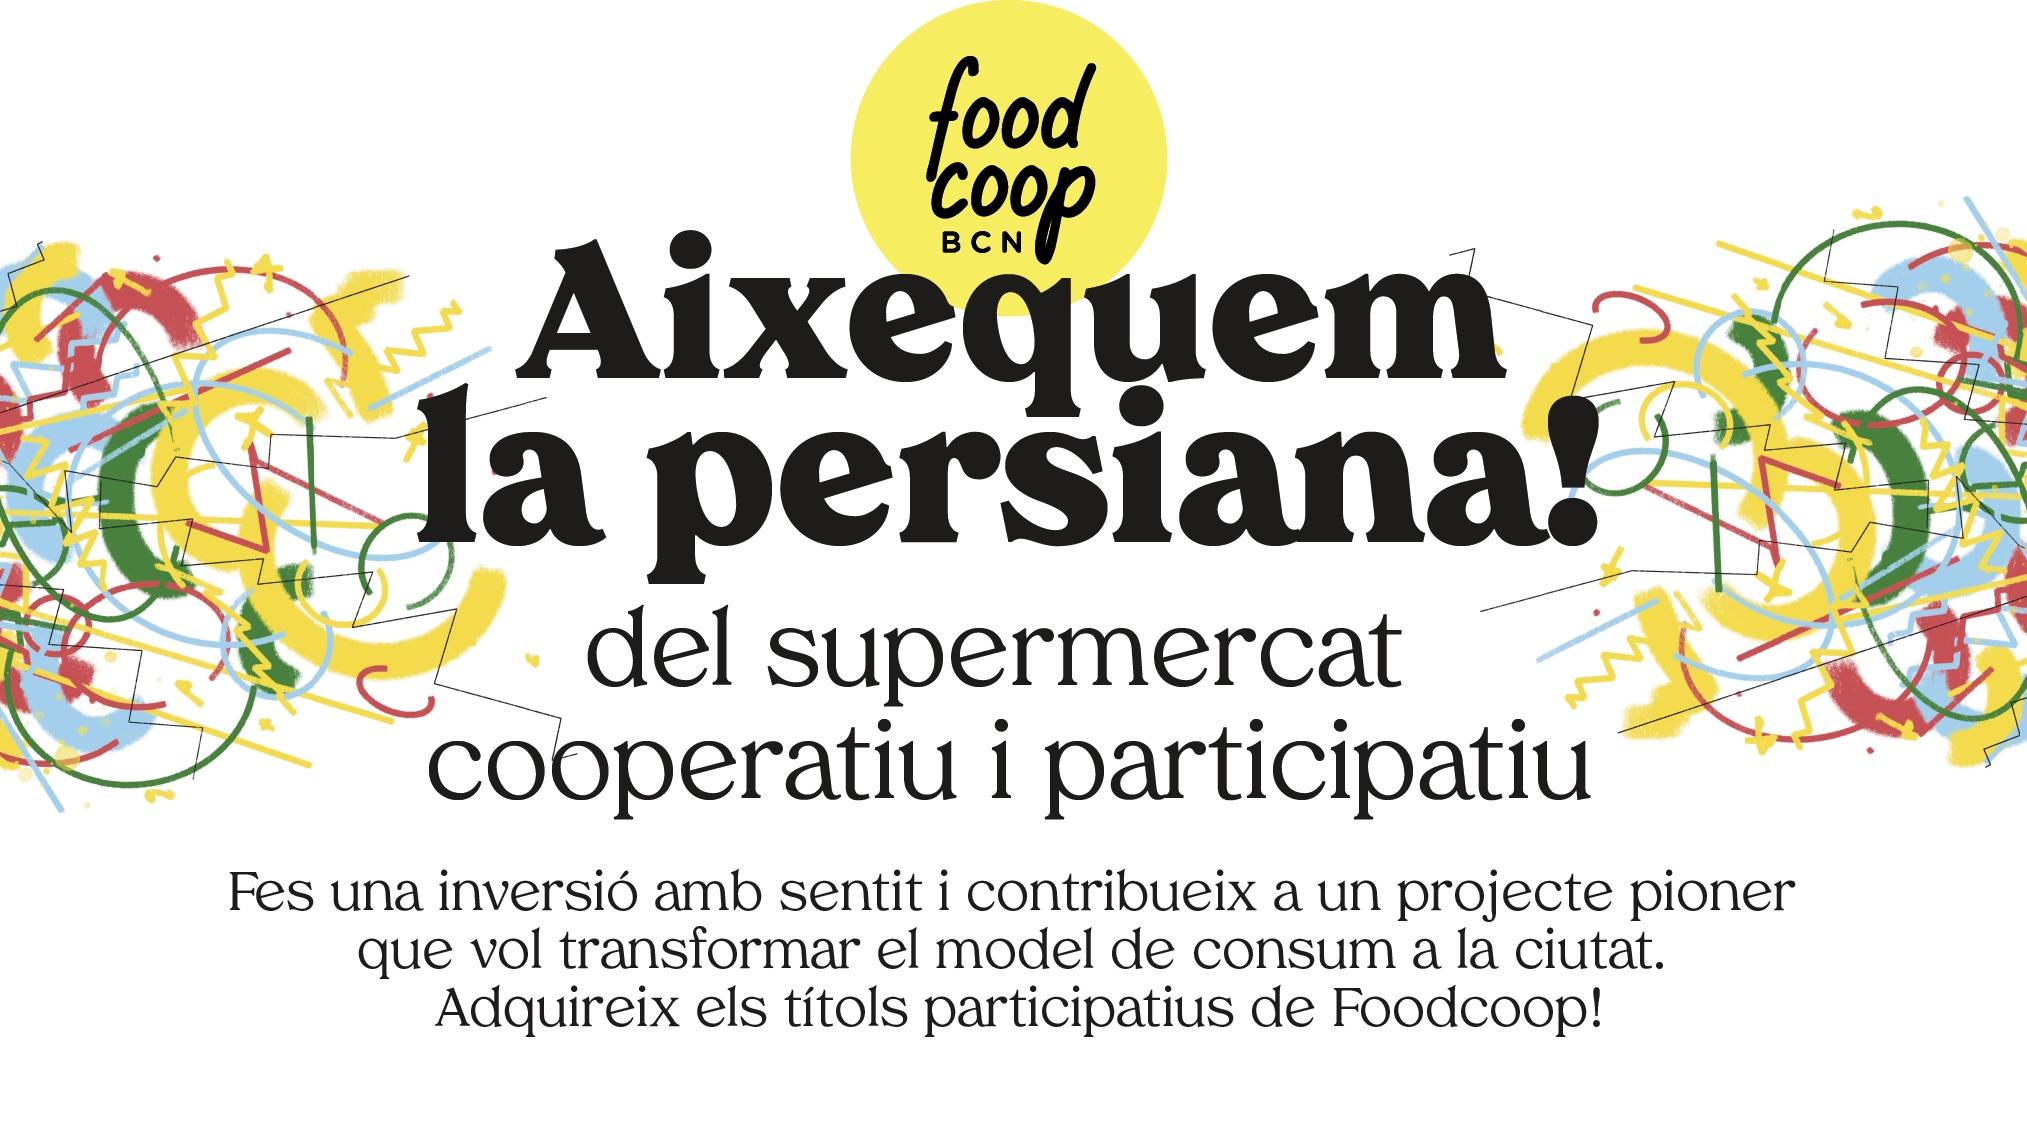 Aixequem la persiana Foodcoop BCN